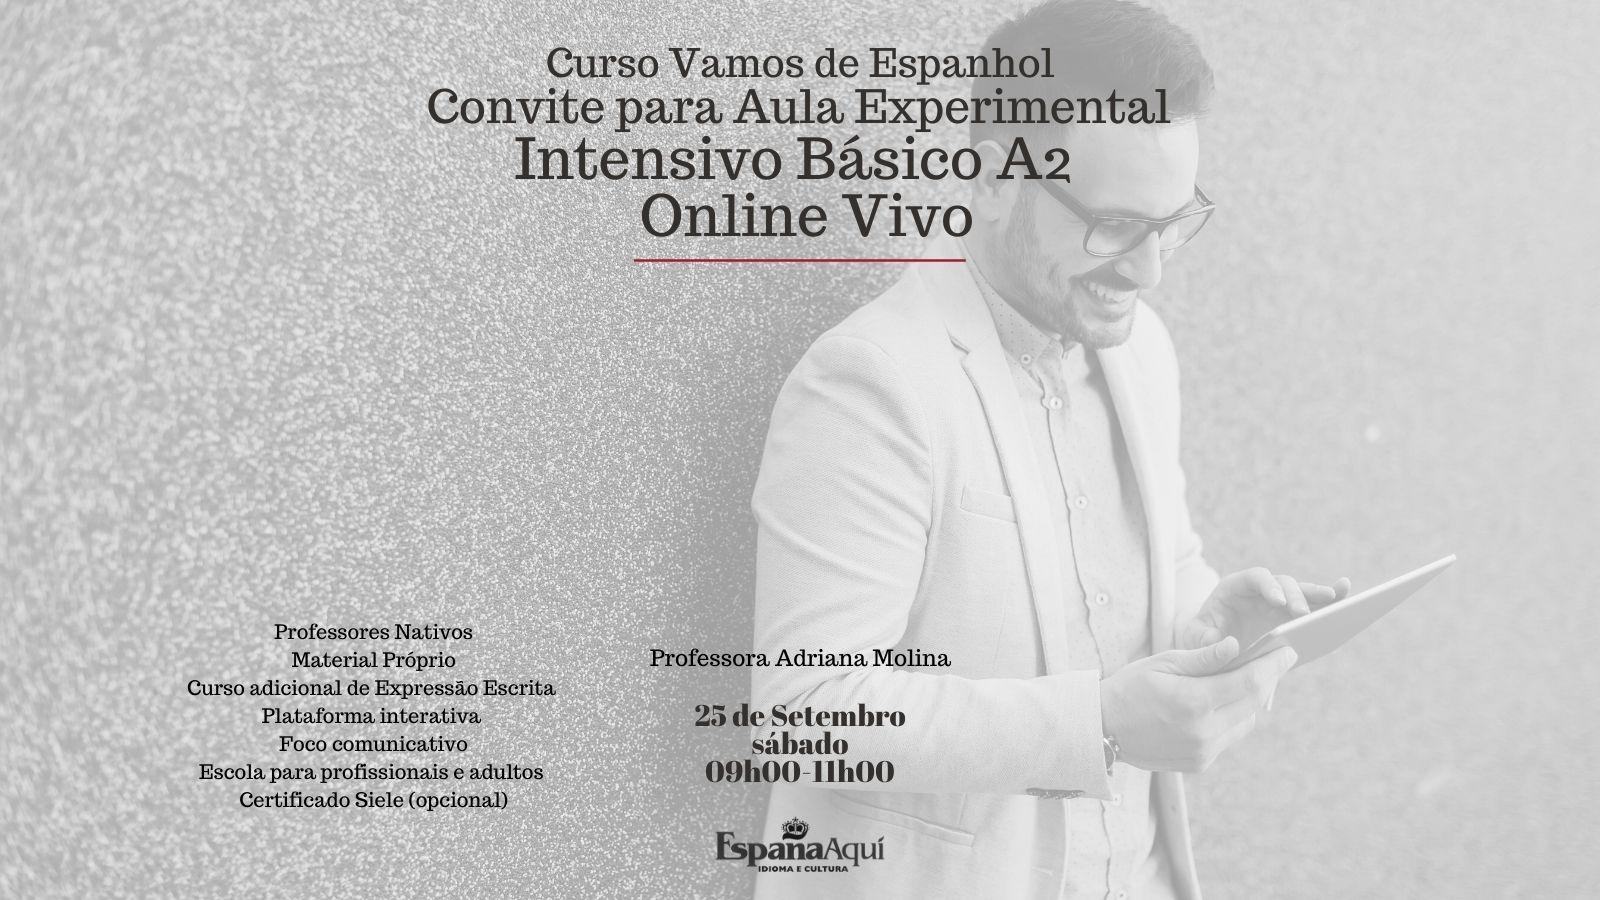 https://www.espanaaqui.com.br/pdf/setembro%202021/Intensivo%20A2.%2025%20de%20Setembro.jpg